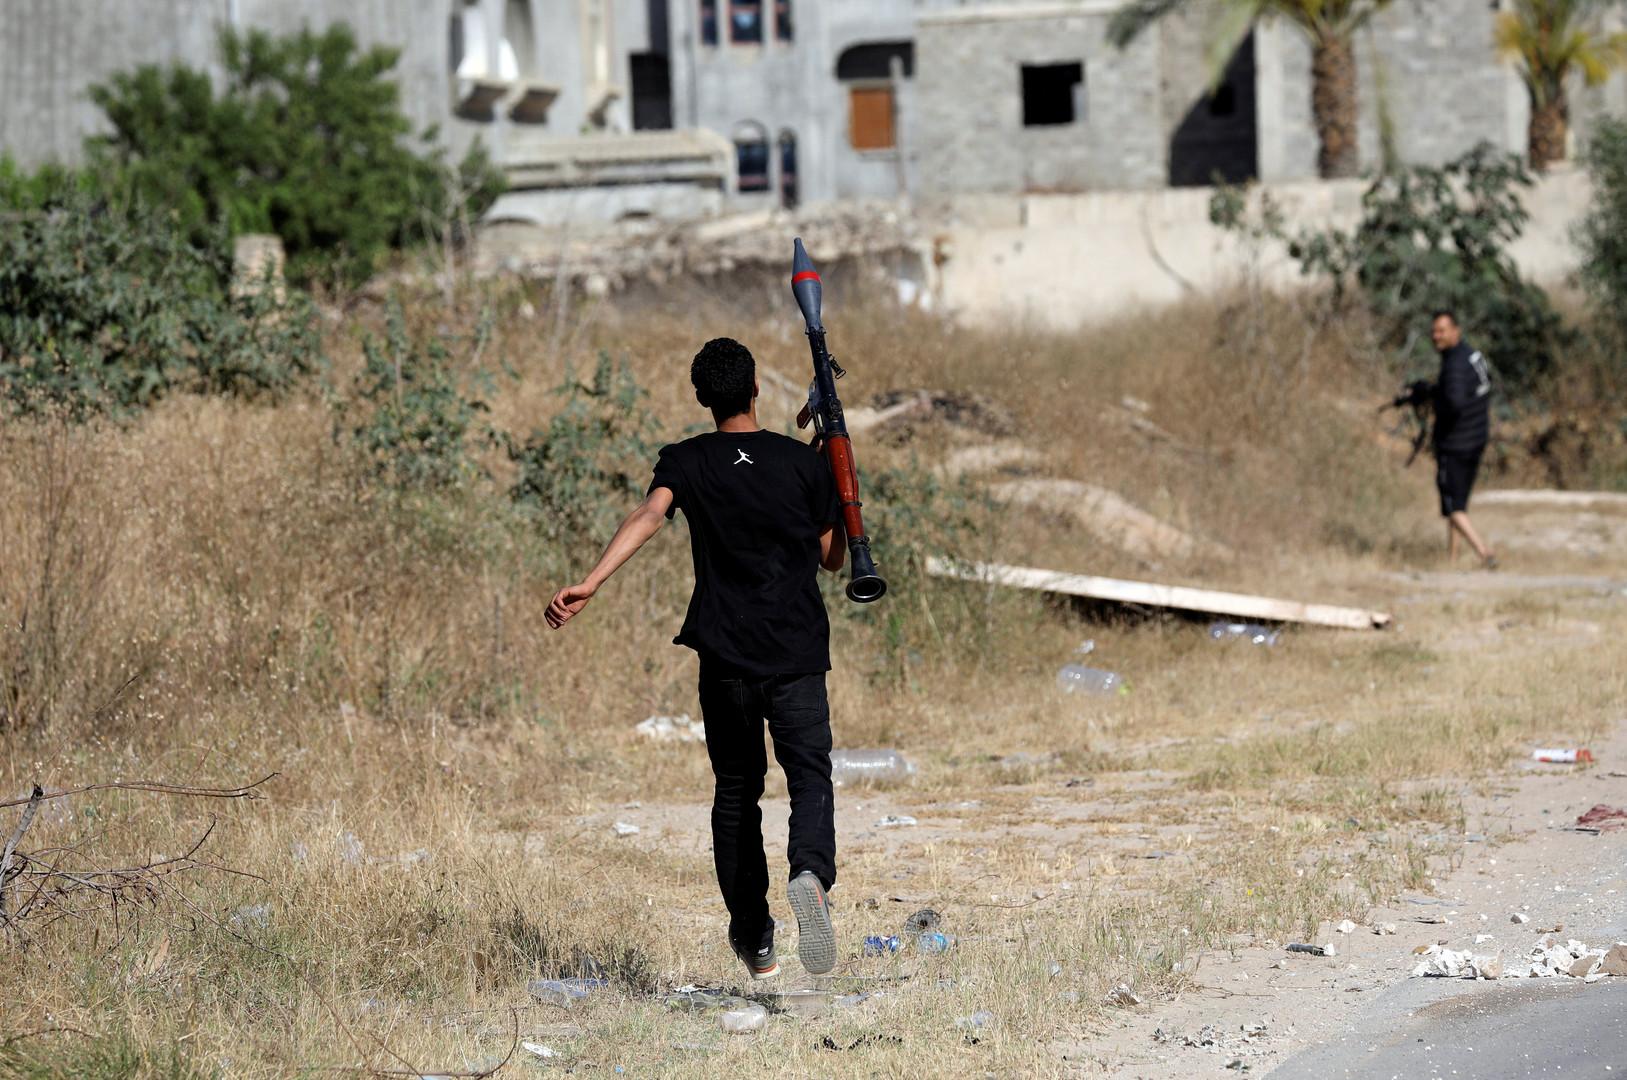 مقتل 3 أشخاص بهجوم شنه مسلحون جنوبي ليبيا  -